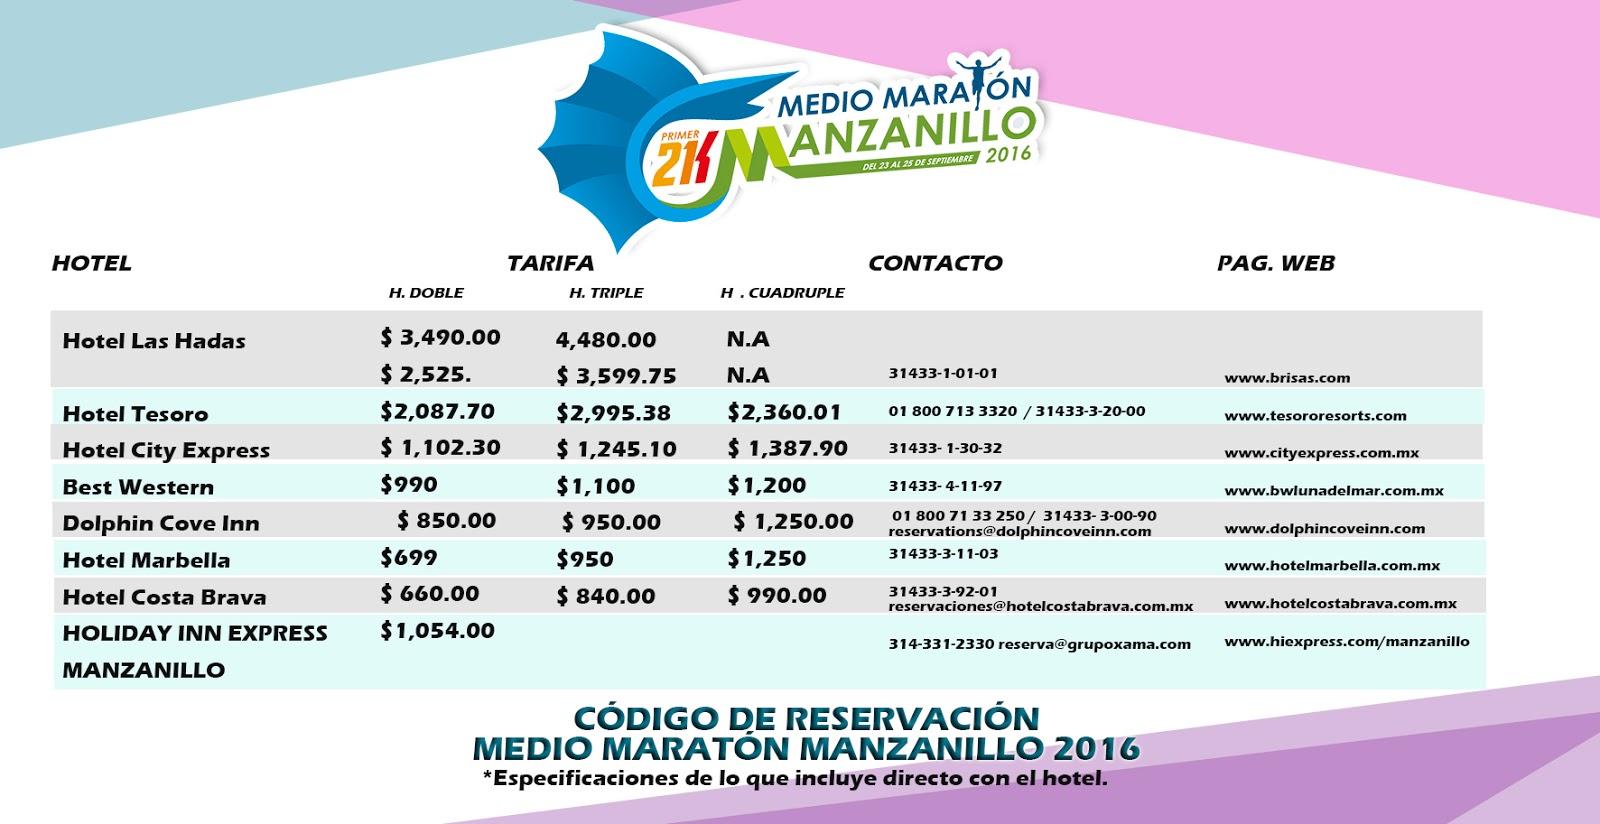 Tarifas de hoteles medio maraton manzanillo for Hoteles para 5 personas